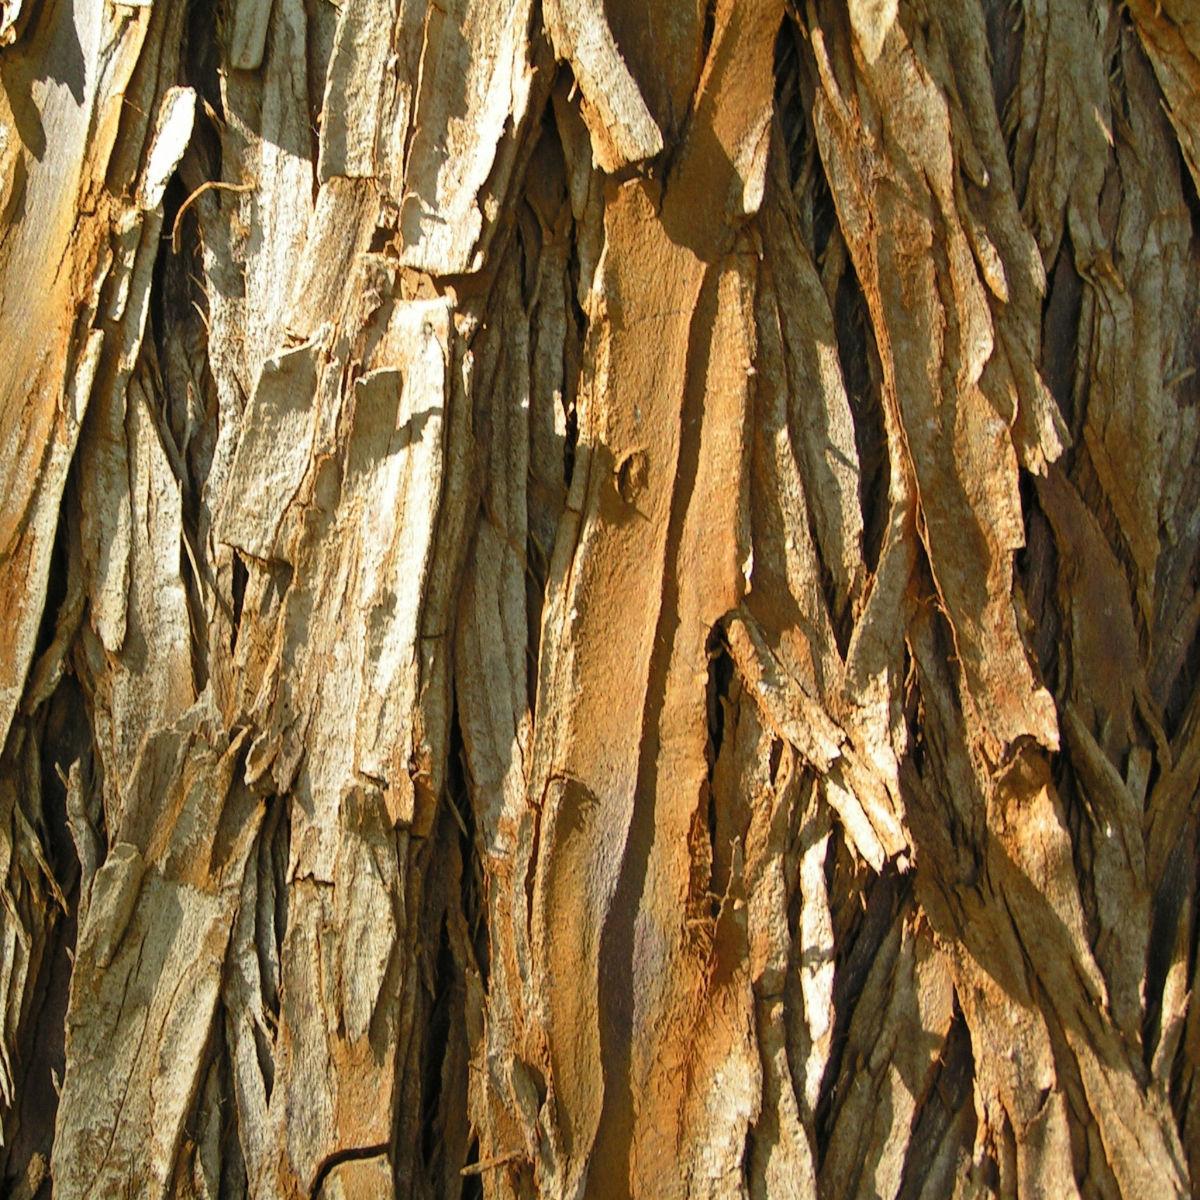 Sumpfzypresse Sumpfeibe Rinde Blatt gruen Taxodium distichum